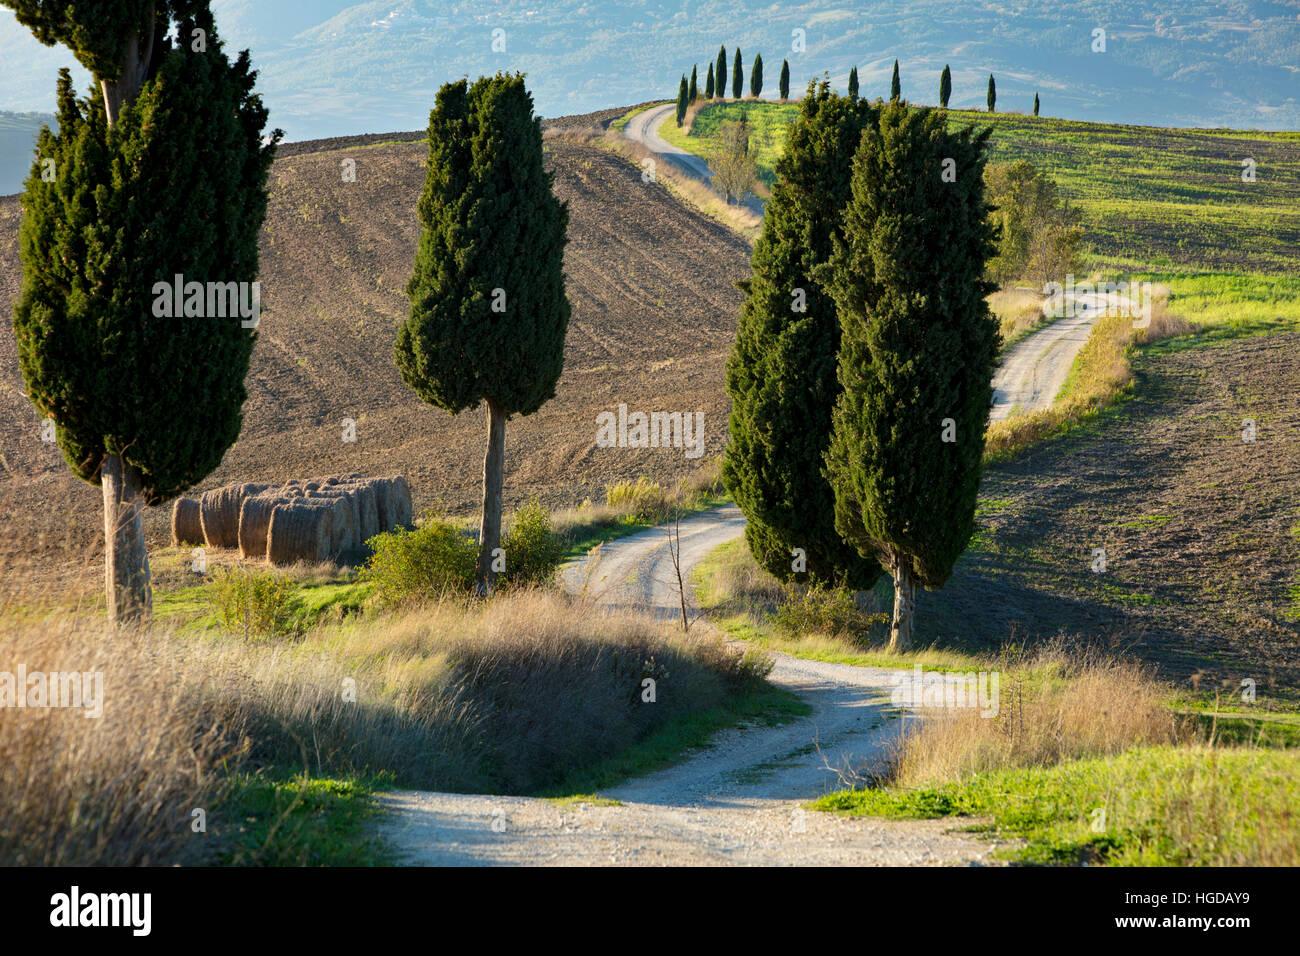 Ferme la voie sinueuse menant à villa comté près de Pienza, Toscane, Italie Photo Stock